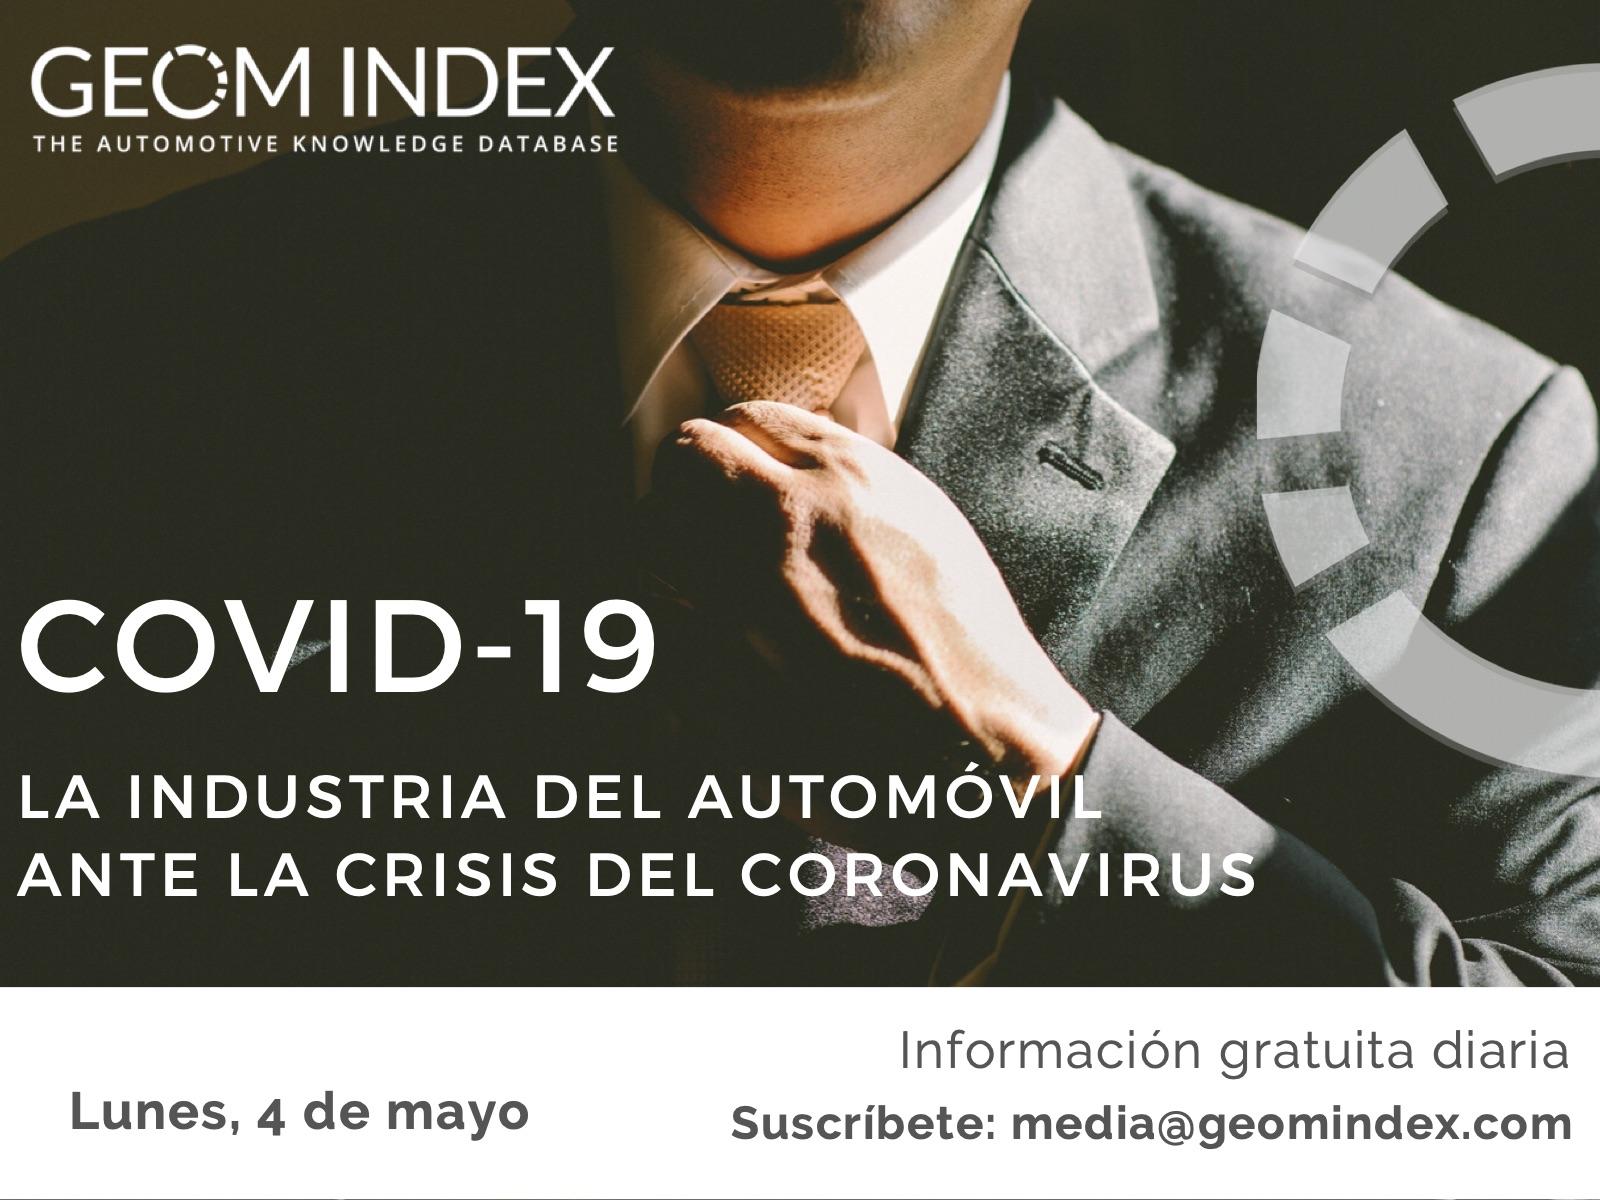 Informe 4 de mayo – La industria del automóvil ante la crisis de la covid-19